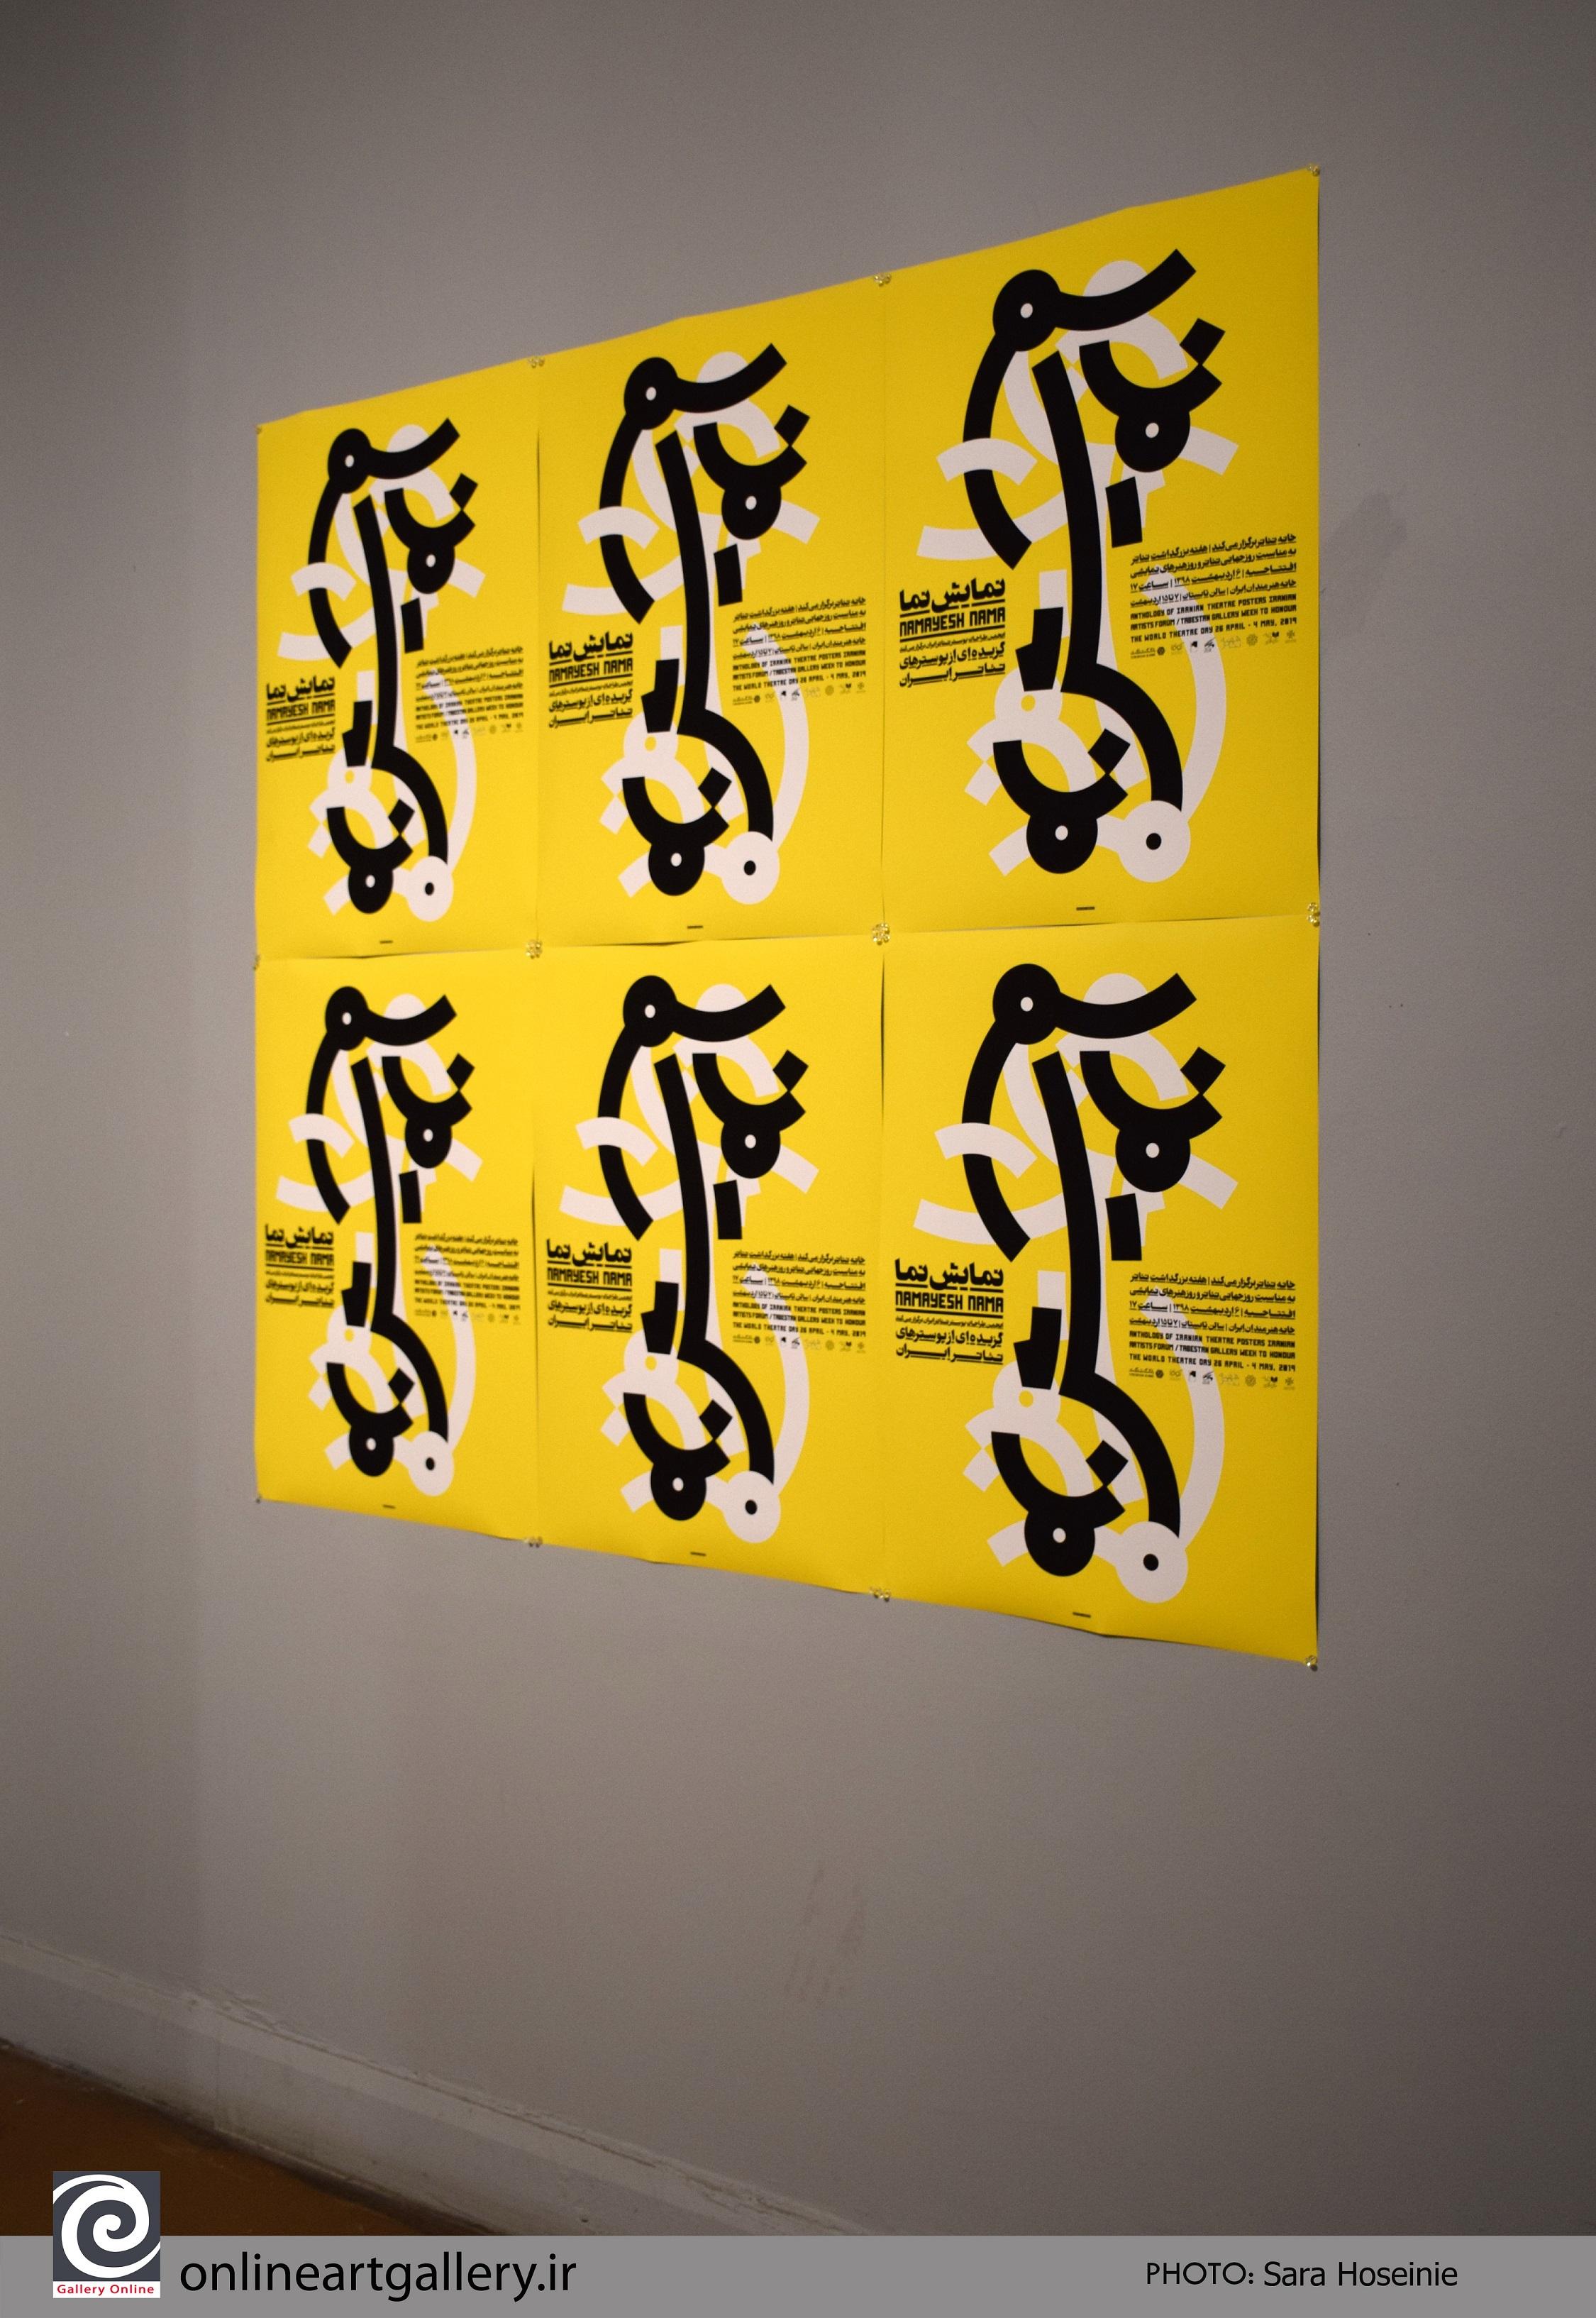 گزارش تصویری گزیده ای از پوستر های تئاتر ایران